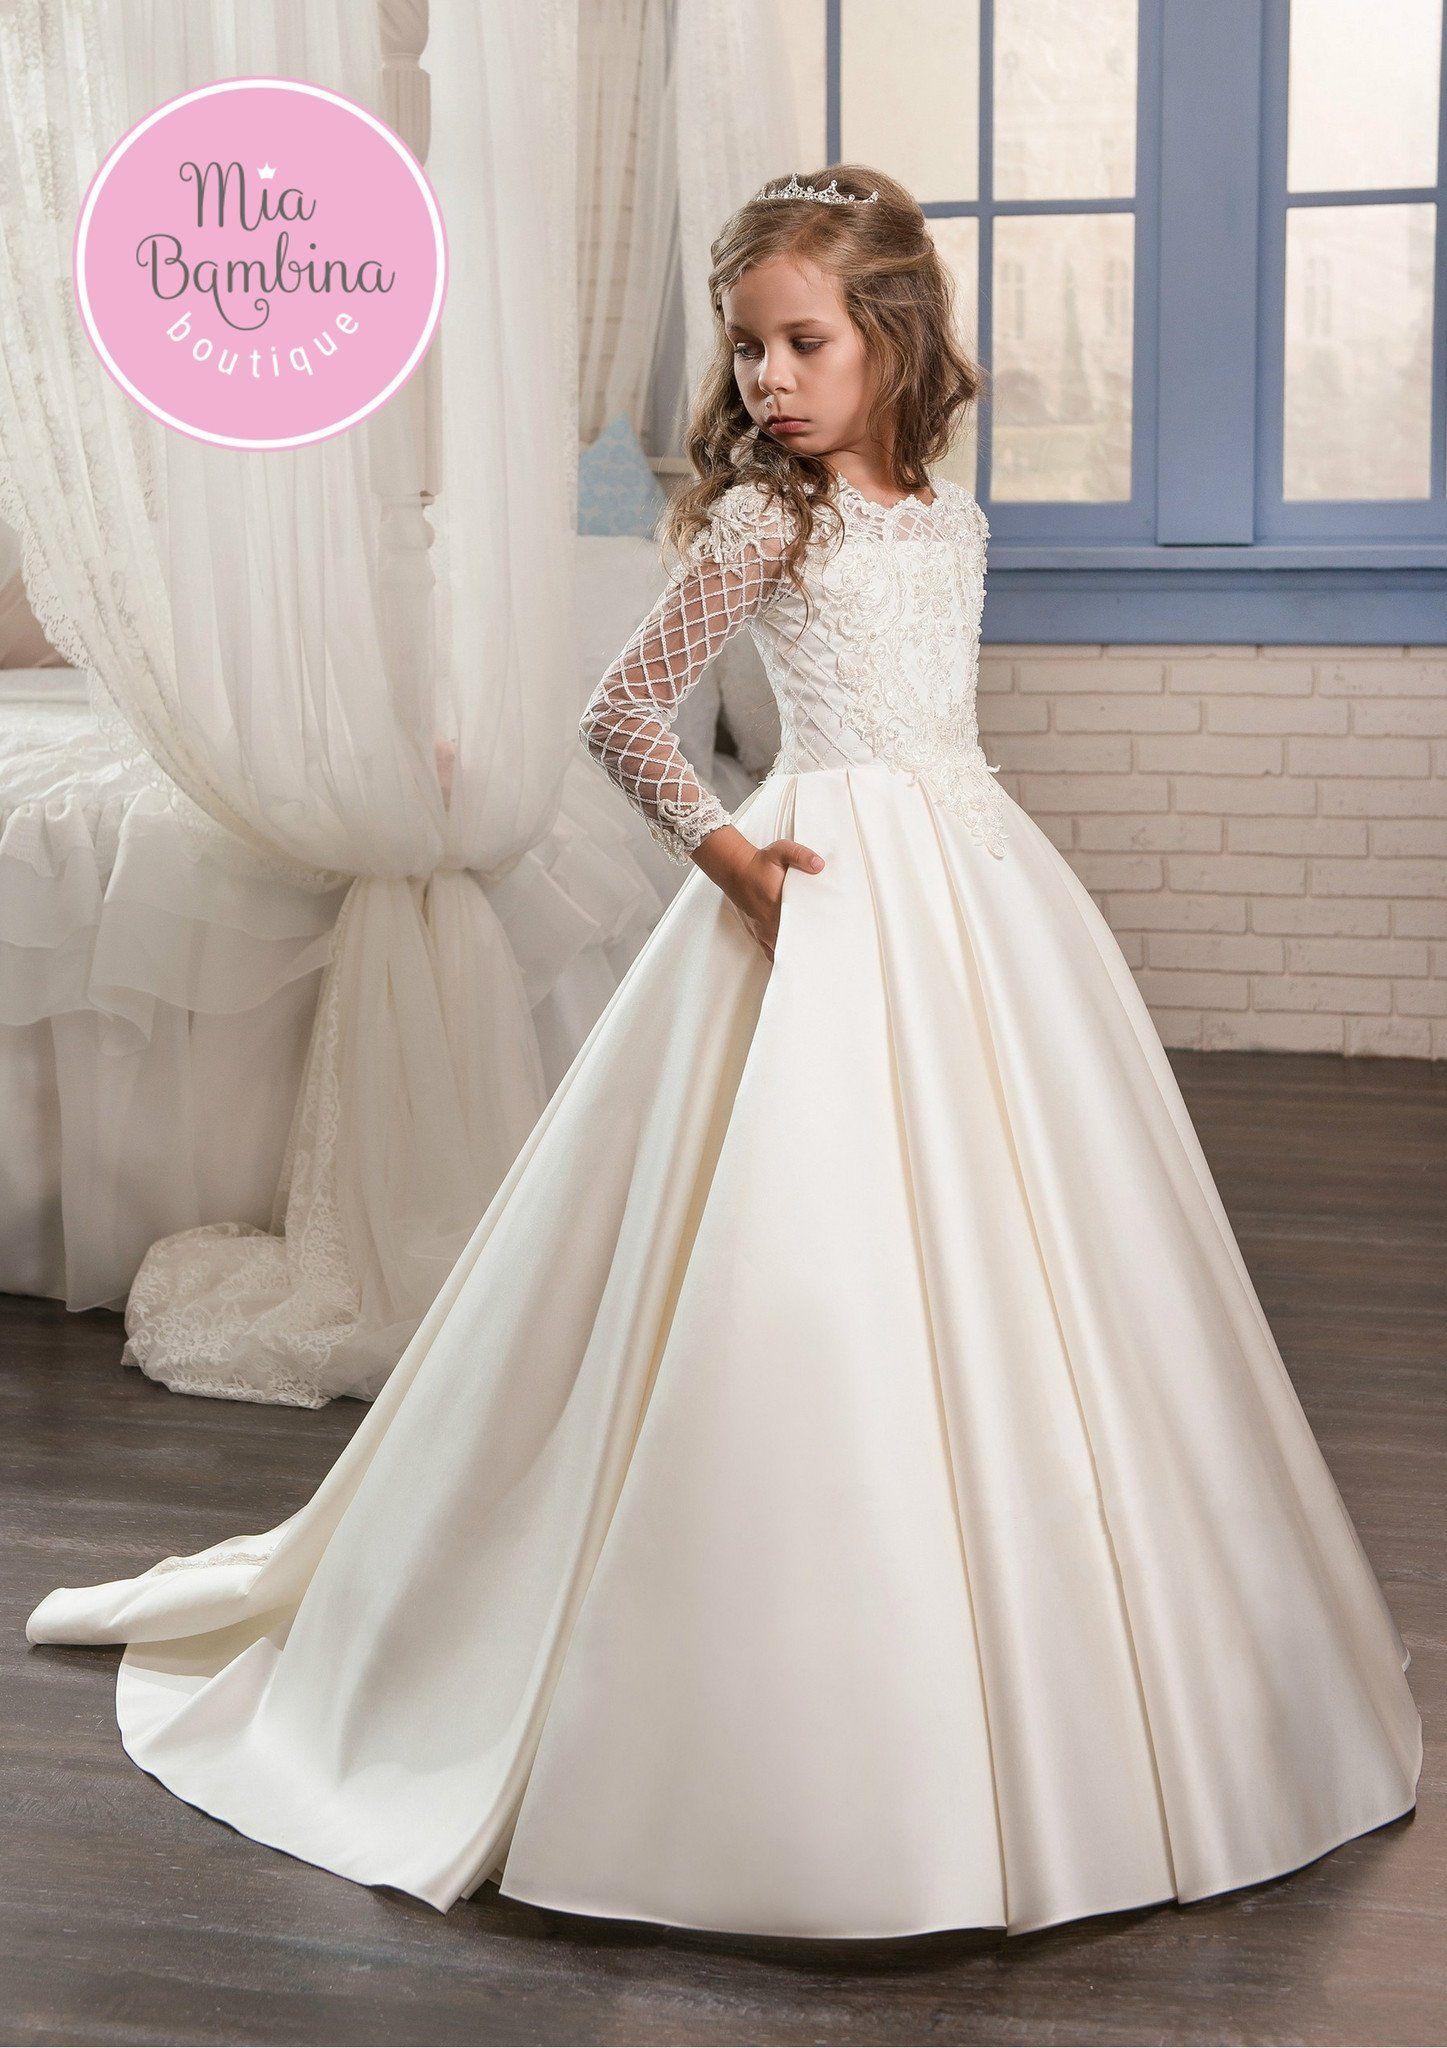 Country girl wedding dress  New York  Girls dresses Flower girl dresses and Weddings